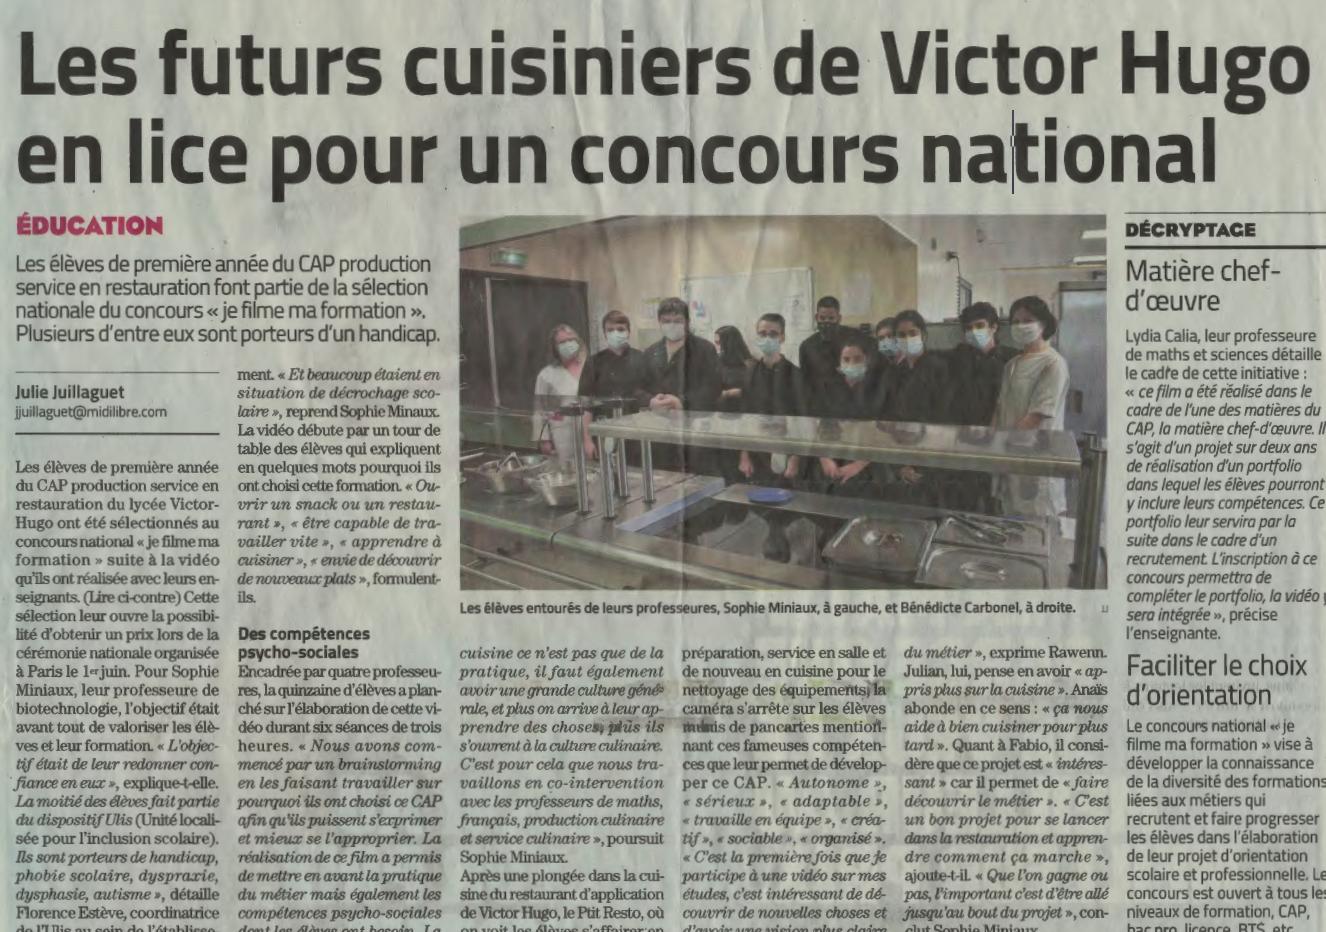 Les futurs cuisiniers de Victor Hugo en lice pour un concours national